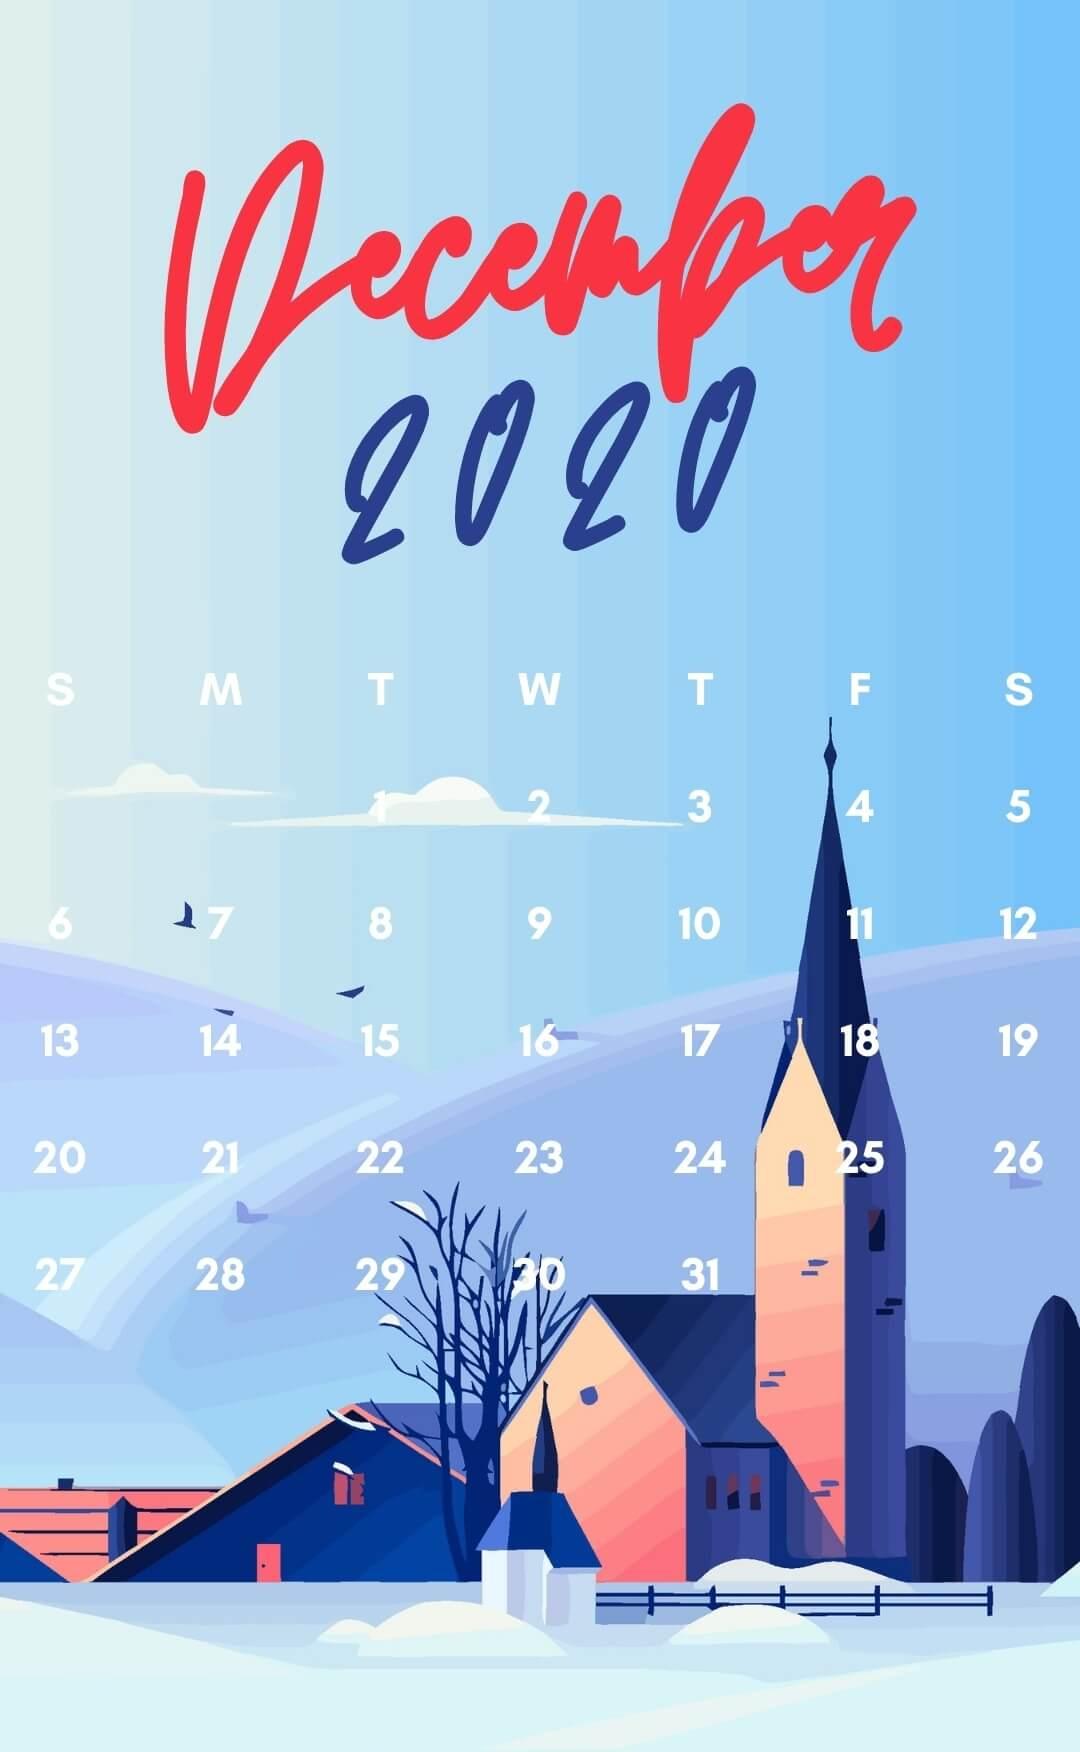 December 2020 Calendar Wallpaper For Mobile Phone